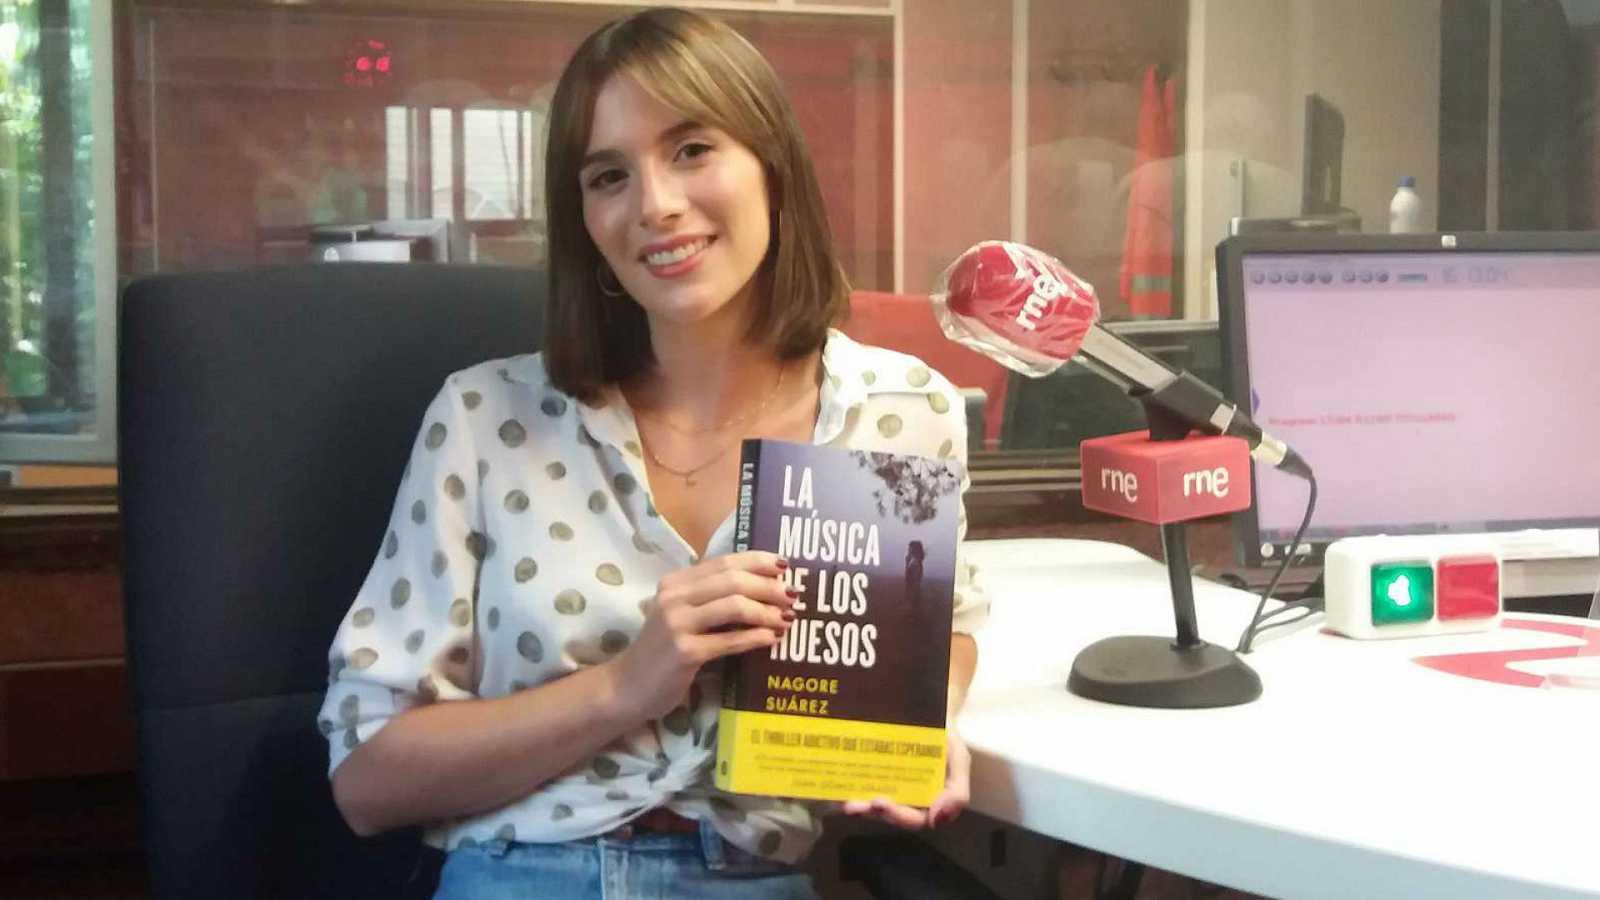 Libros de arena en Radio 5 -  Nagore Suárez y 'La música de los huesos' - 28/10/20 - Escuchar ahora